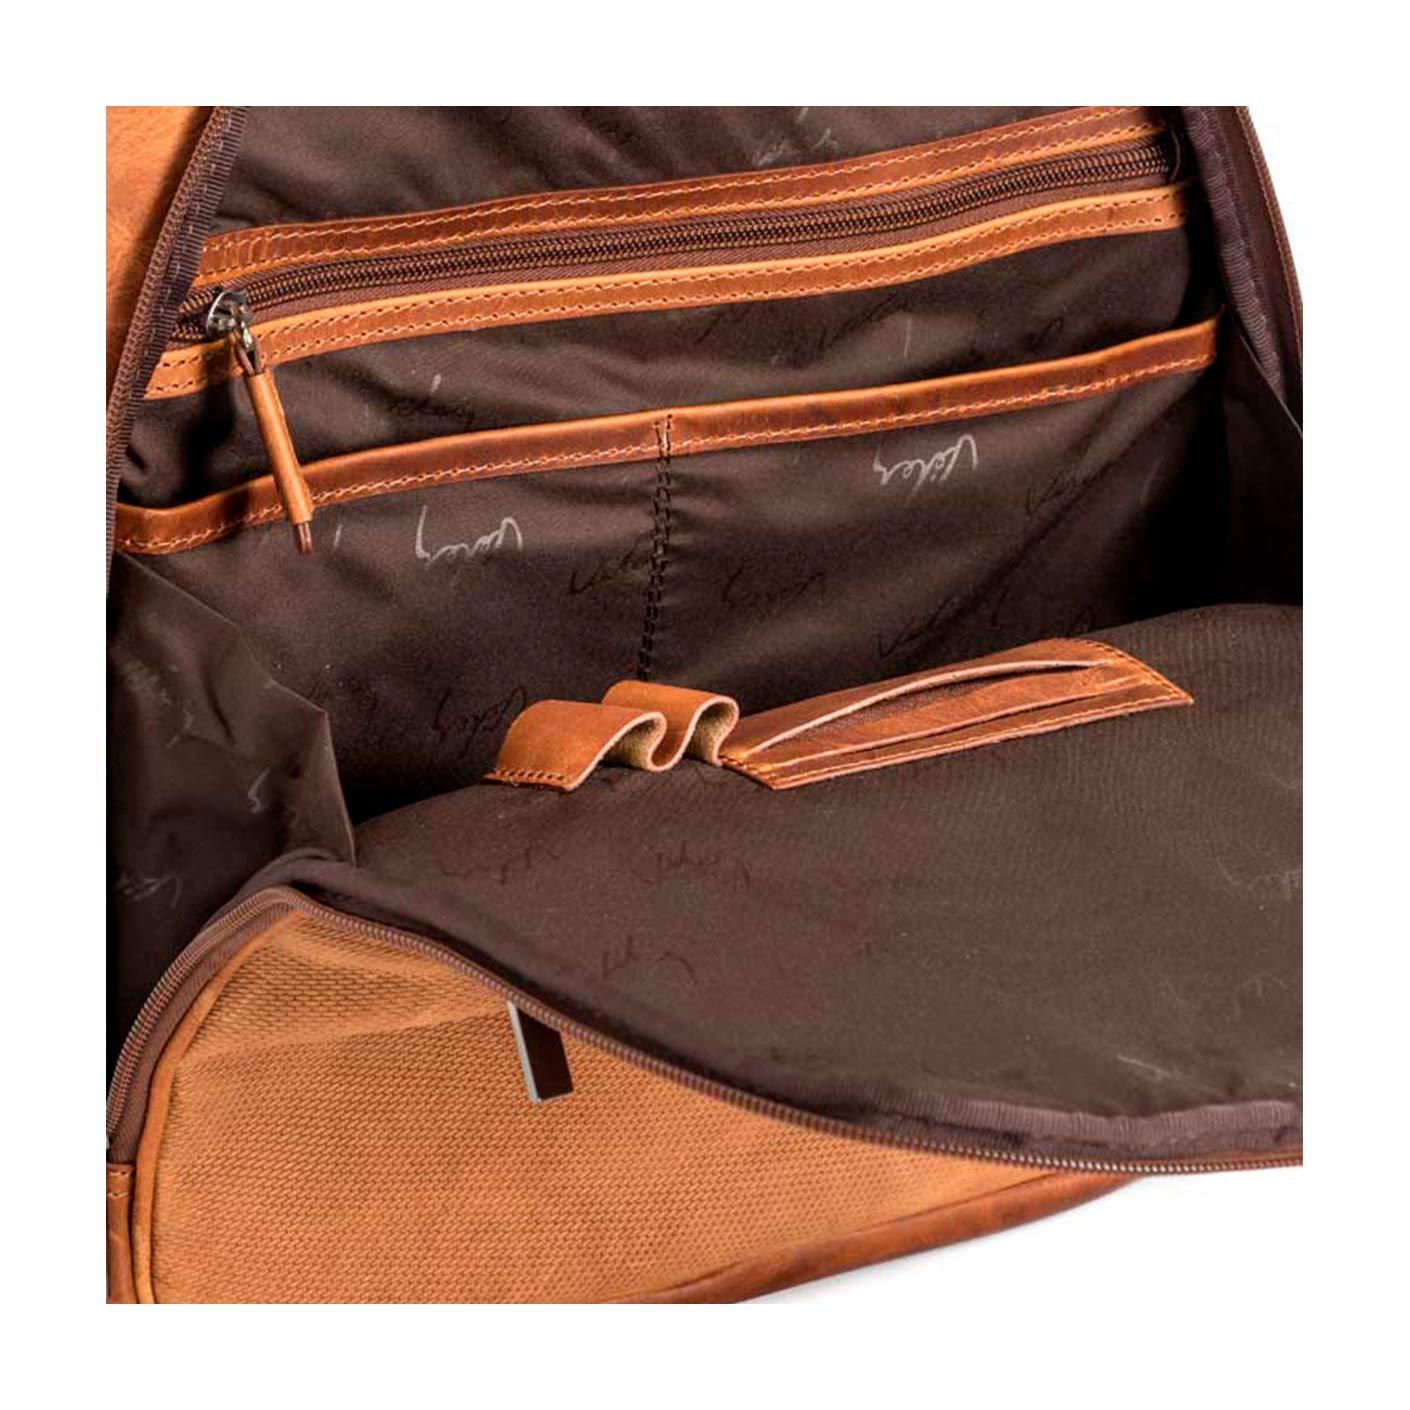 Mochila de Cuero para Hombre Miel VELEZ Leather Vintage Backpack for Men Honey